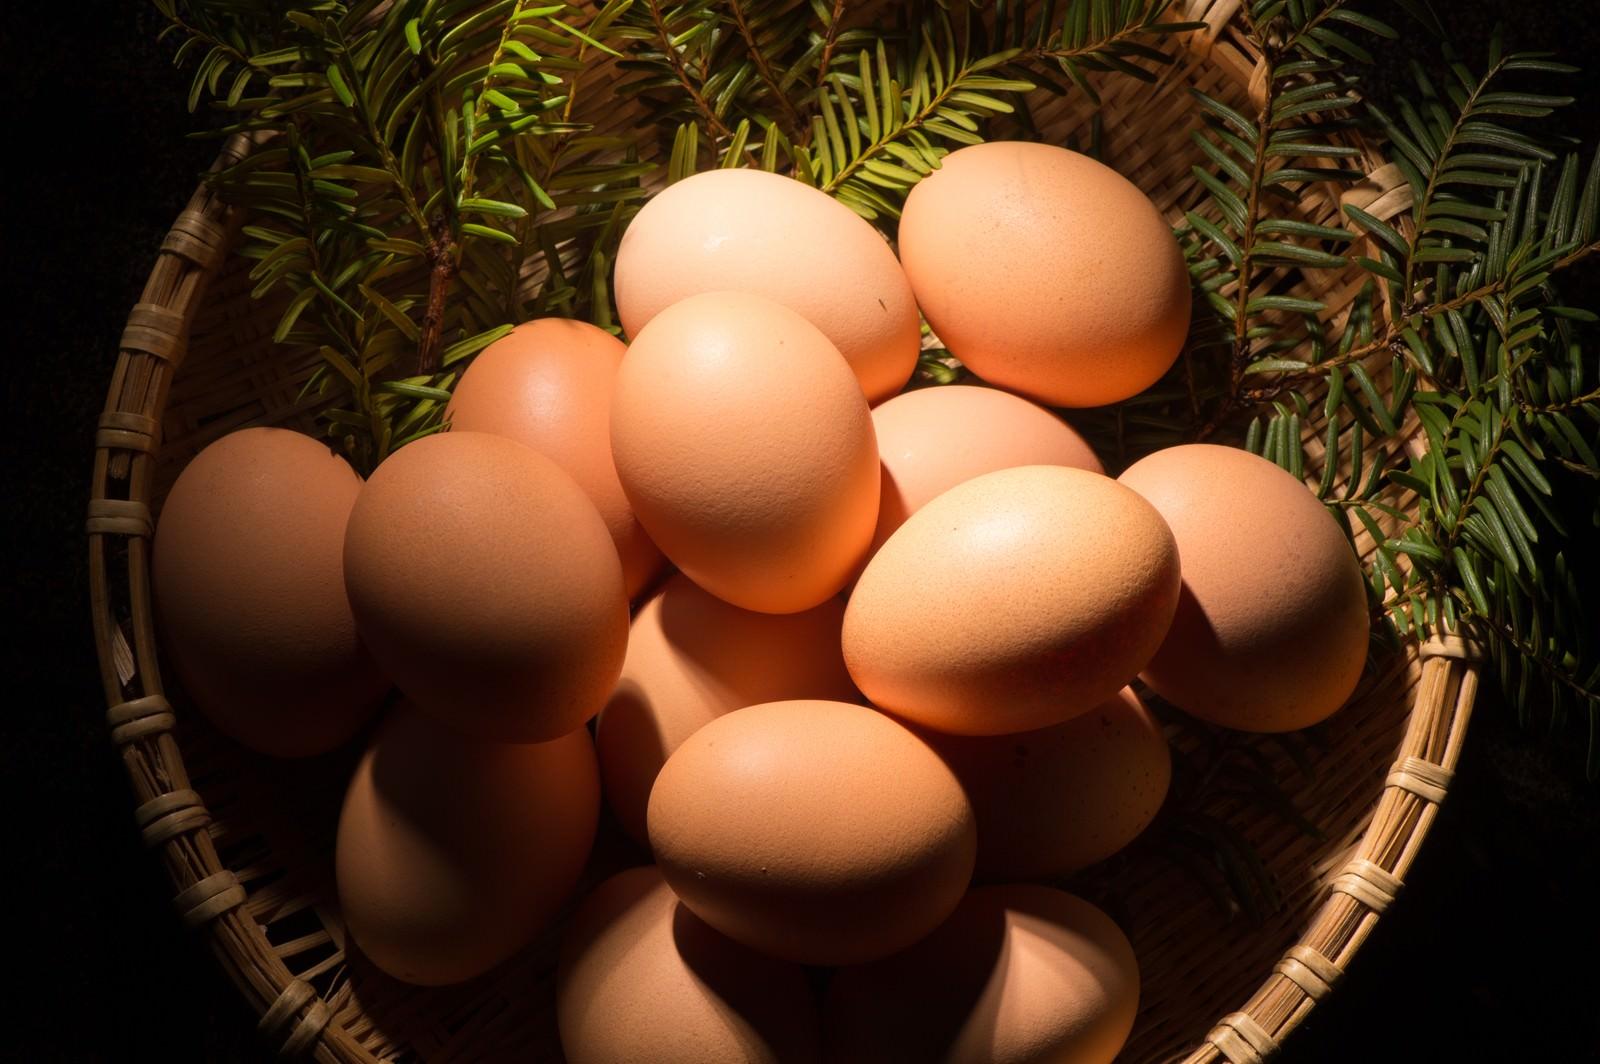 「卵かけご飯との相性が最高の「さくらこめたまご(国産)」」の写真